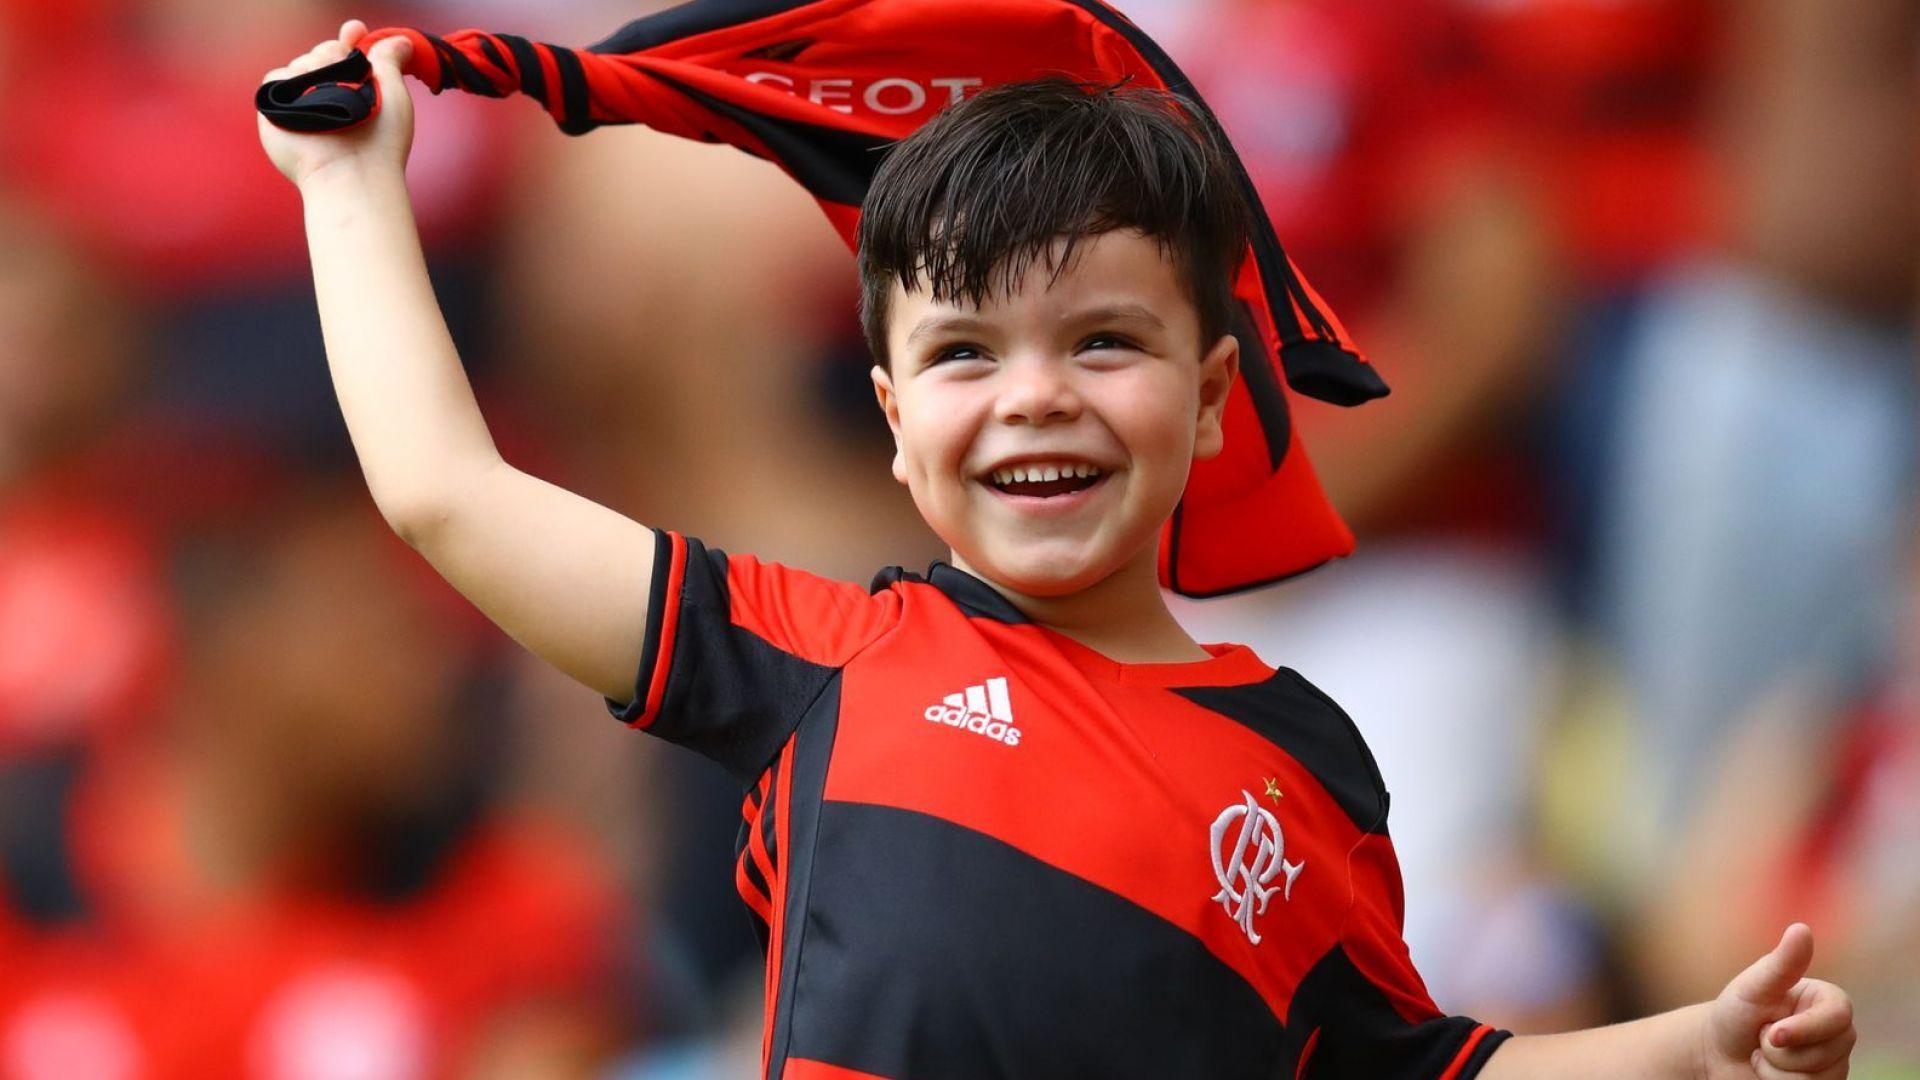 Голямата любов на Рио се завръща